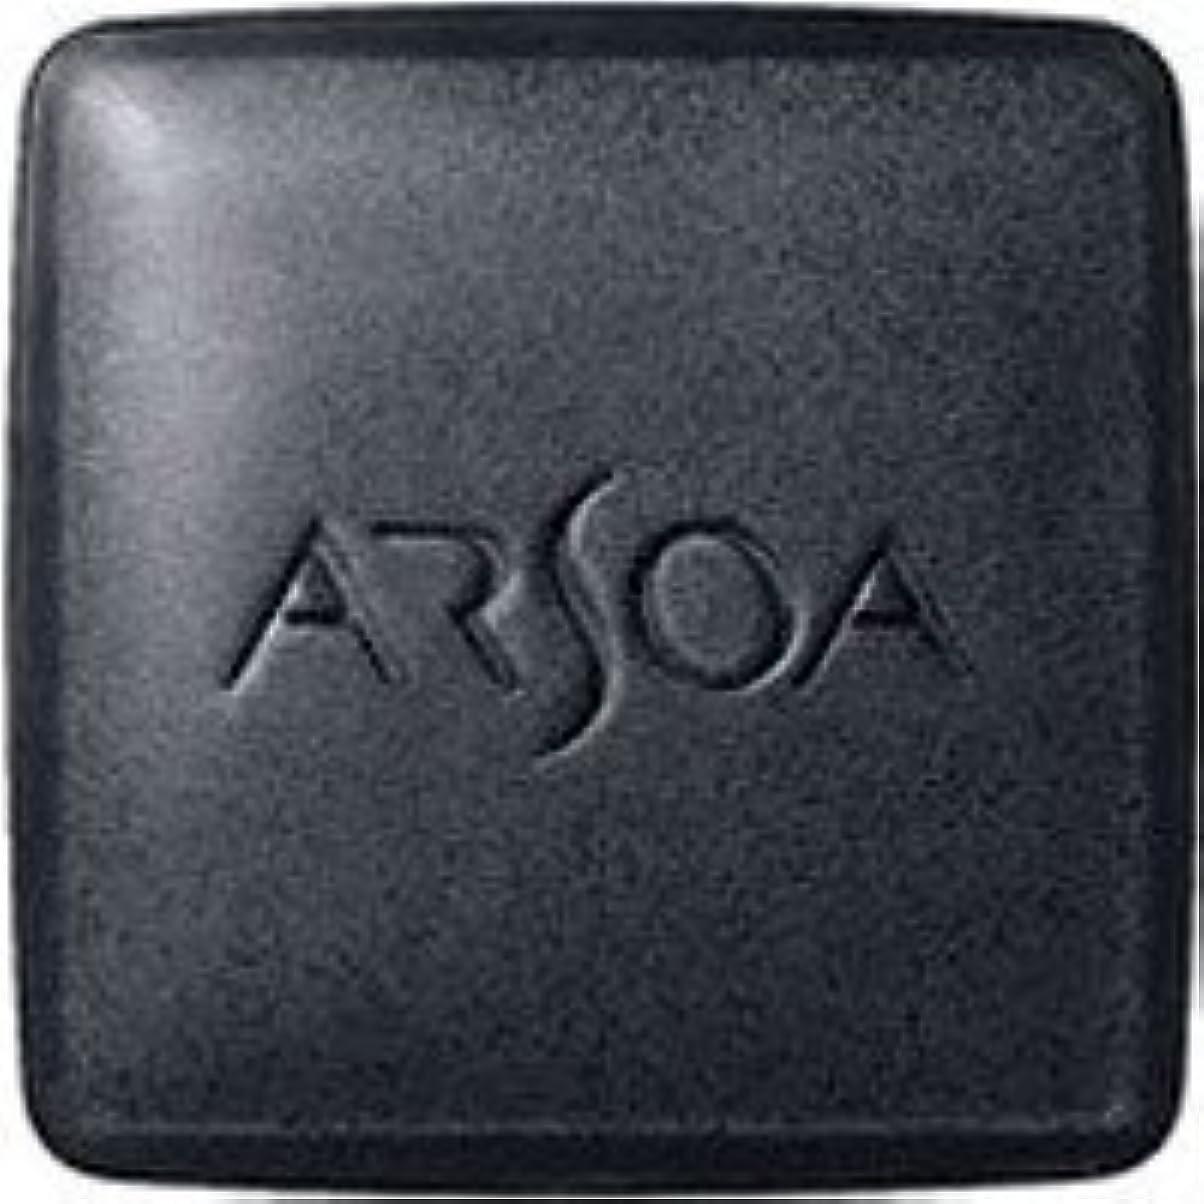 即席資格パプアニューギニア[外箱無]アルソア(ARSOA)クイーンシルバー(リフィル)135g